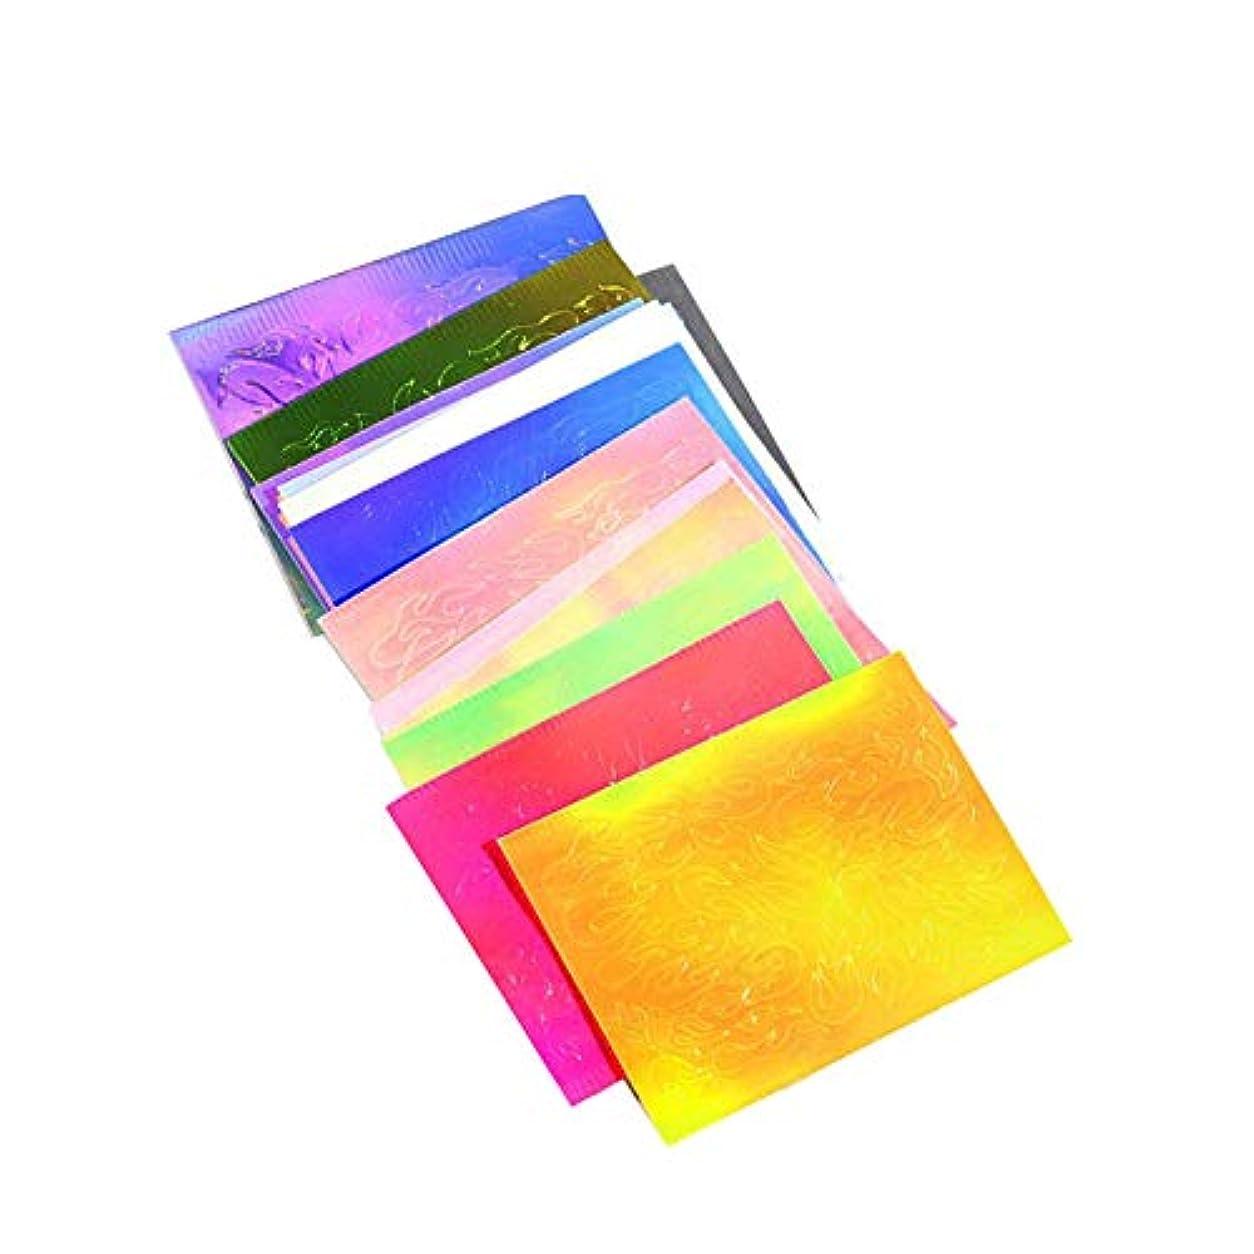 フリンジ性的ご近所16色の3Dネイル作成ネイル接着剤装飾ステッカーファントム炎のネイルアートステッカー16個の光沢のあるネイルチップの多機能テープ付き